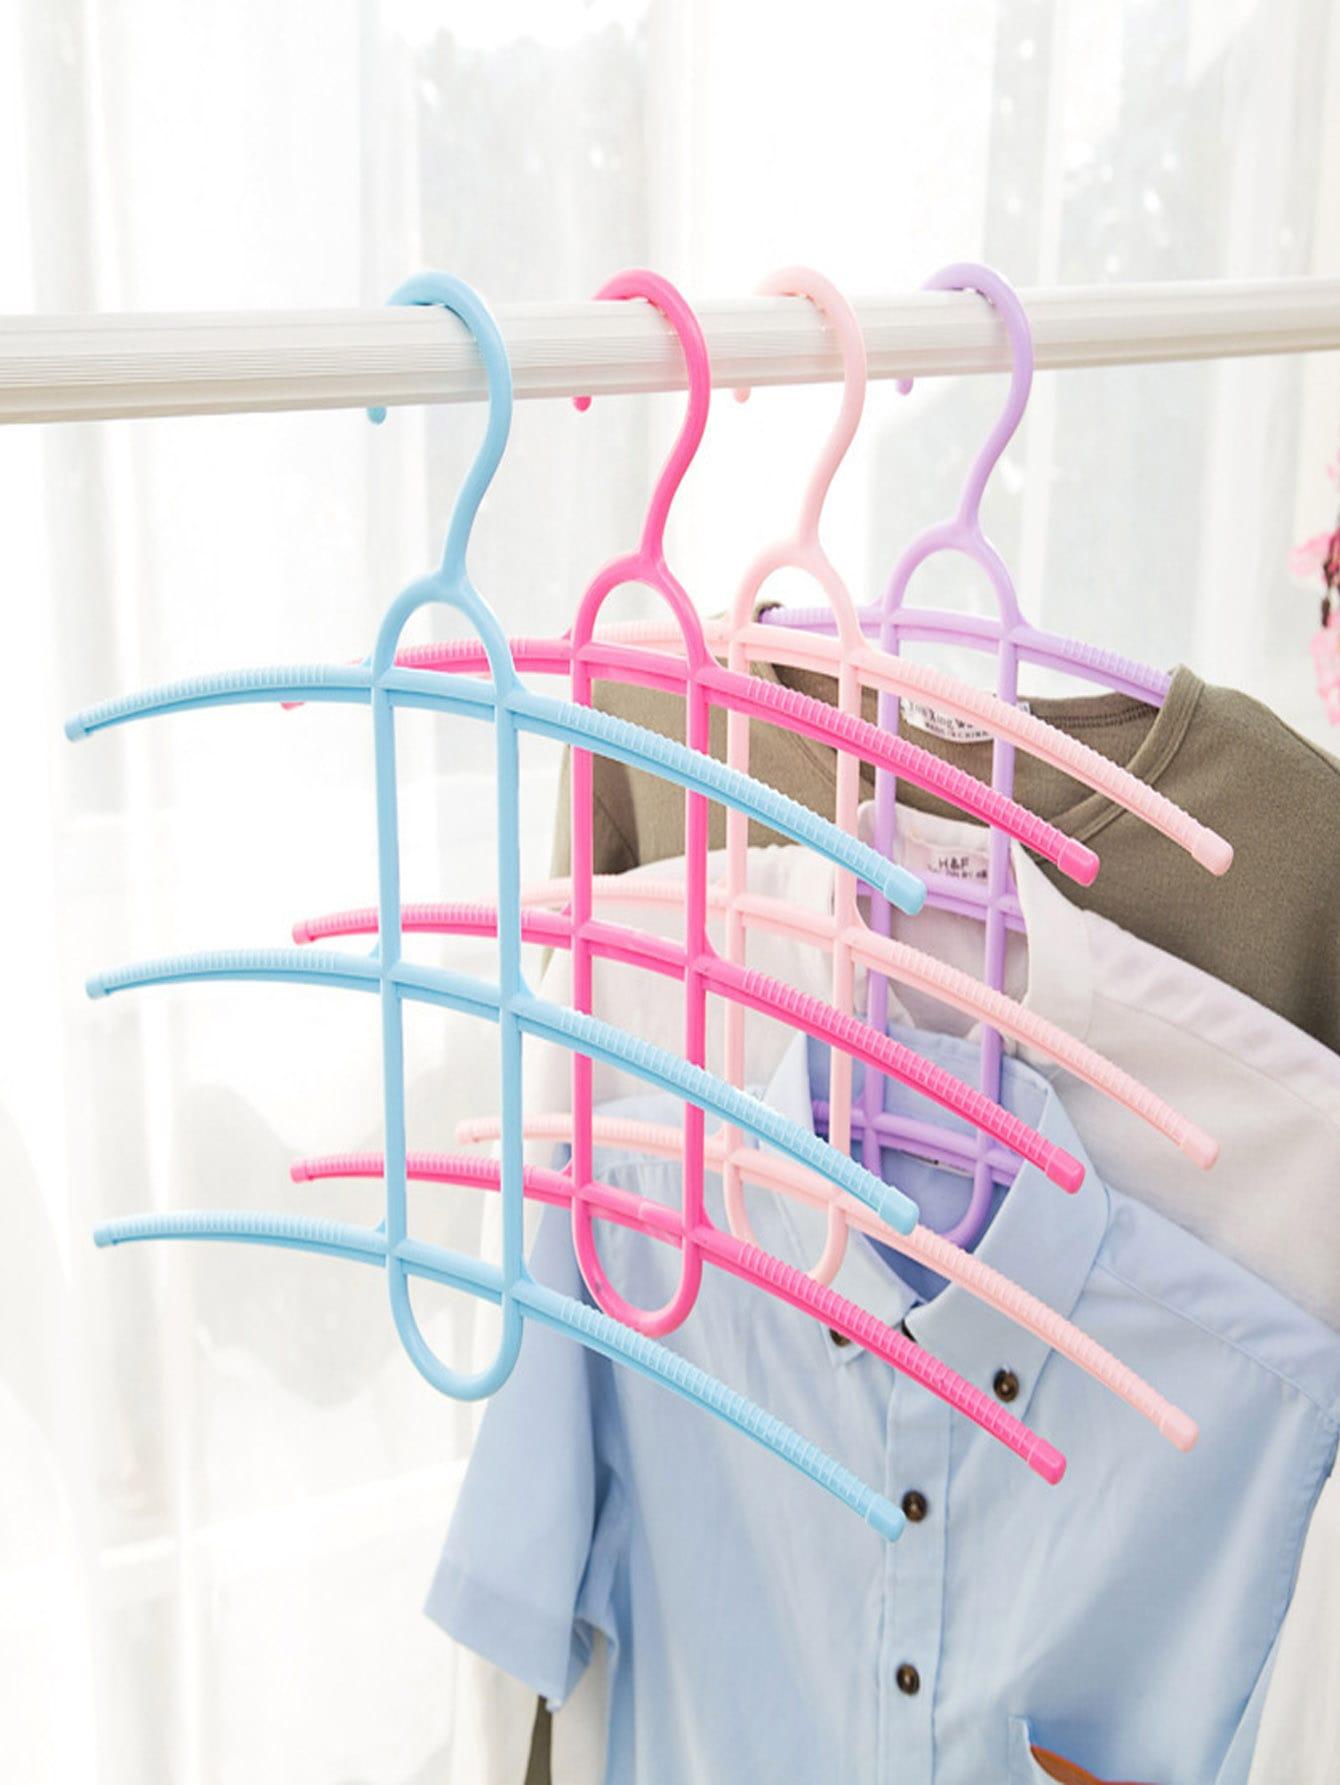 Купить Случайная цветная многослойная сушильная стойка 1 шт., null, SheIn